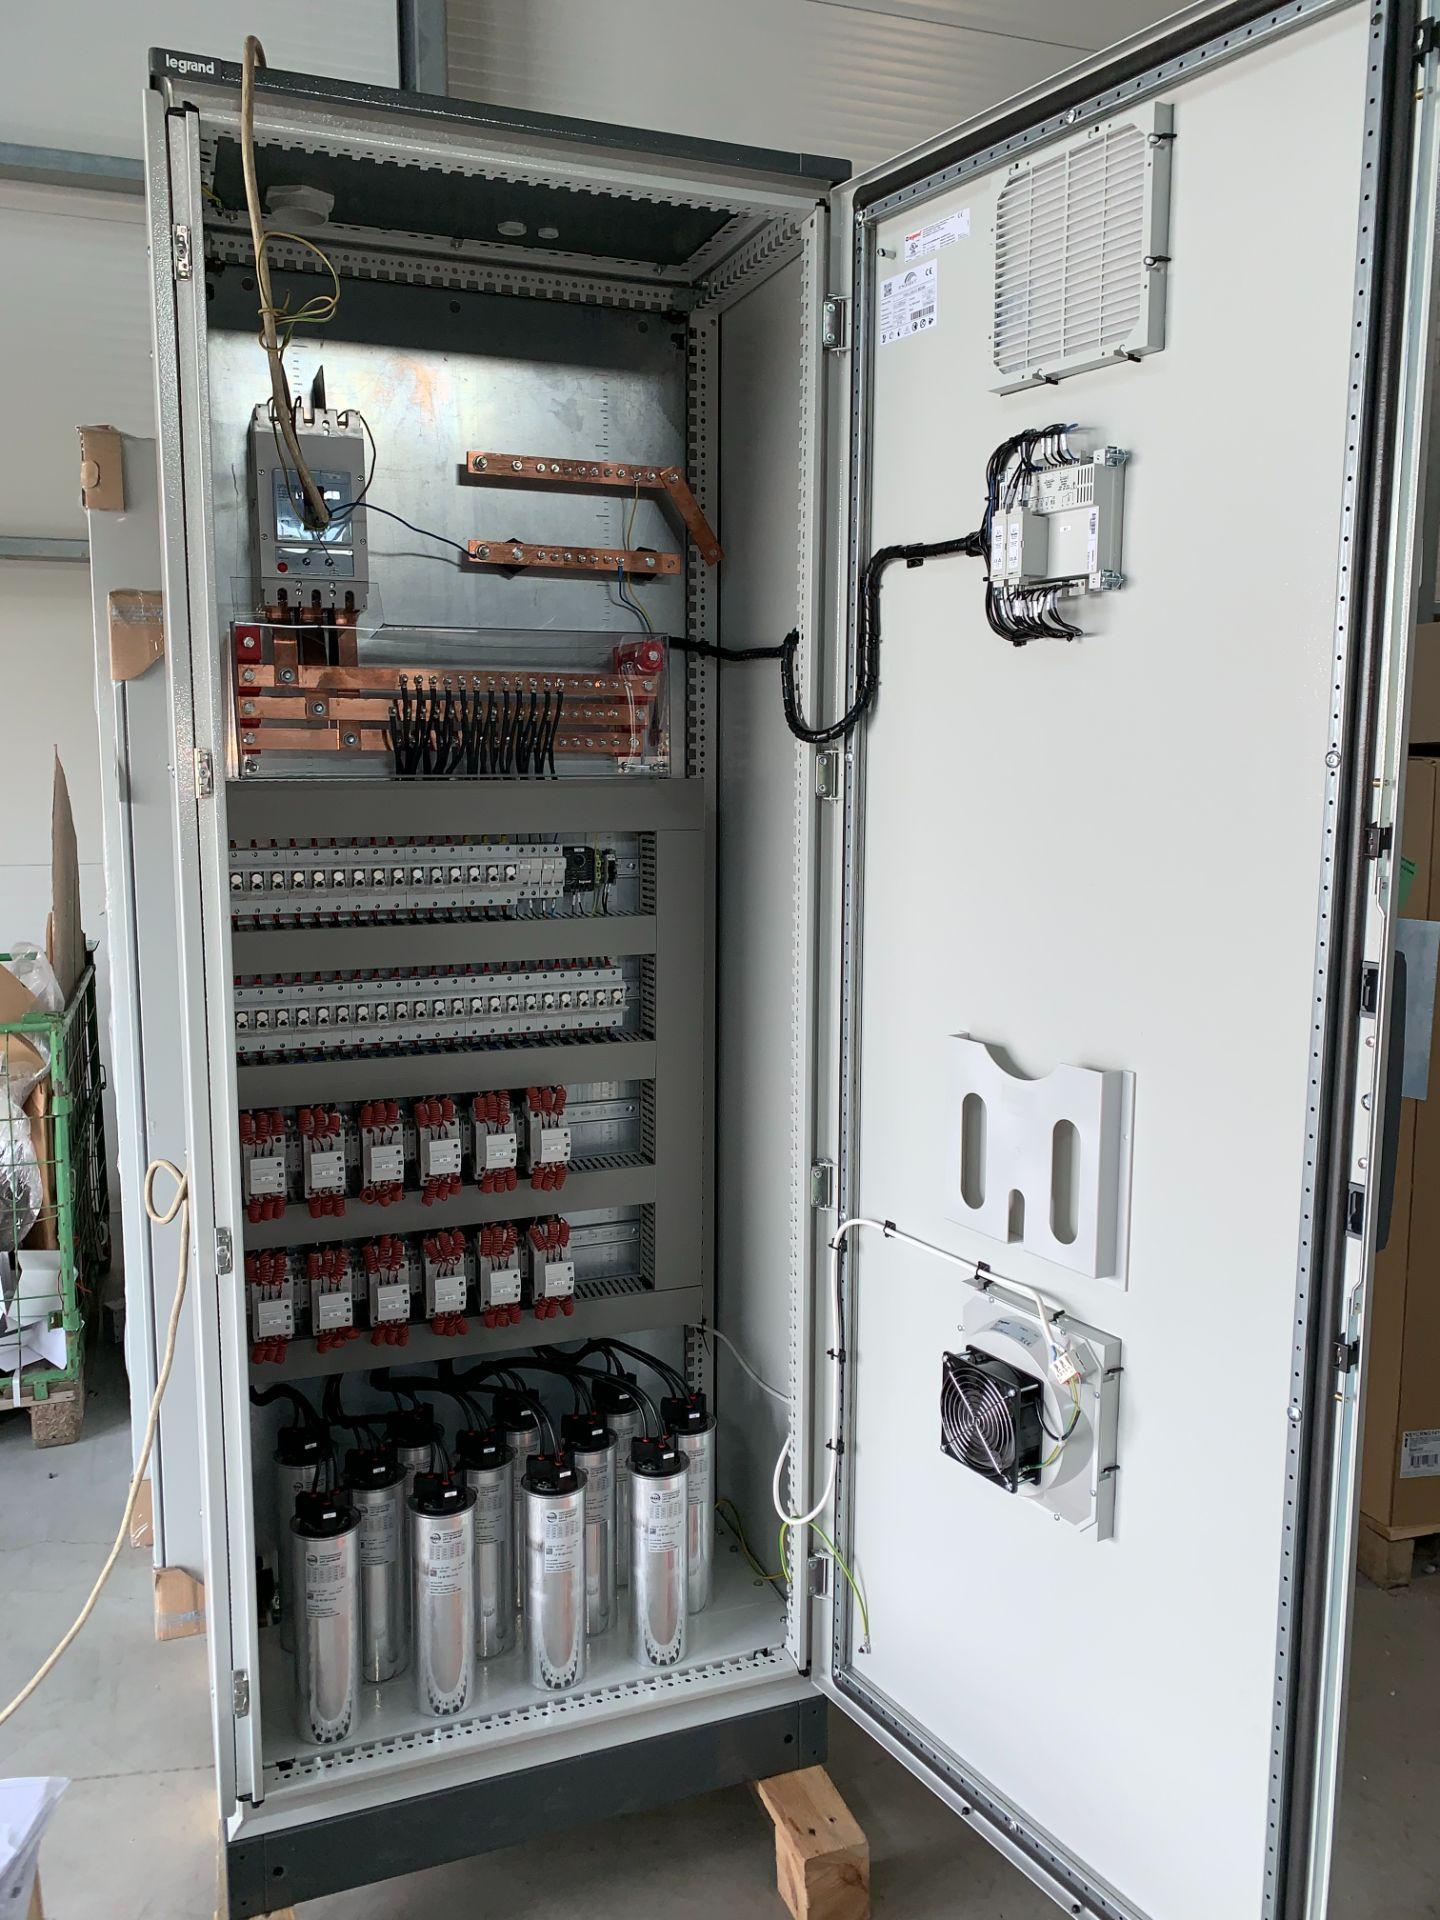 Tablouri electrice și automatizări IMG 2119